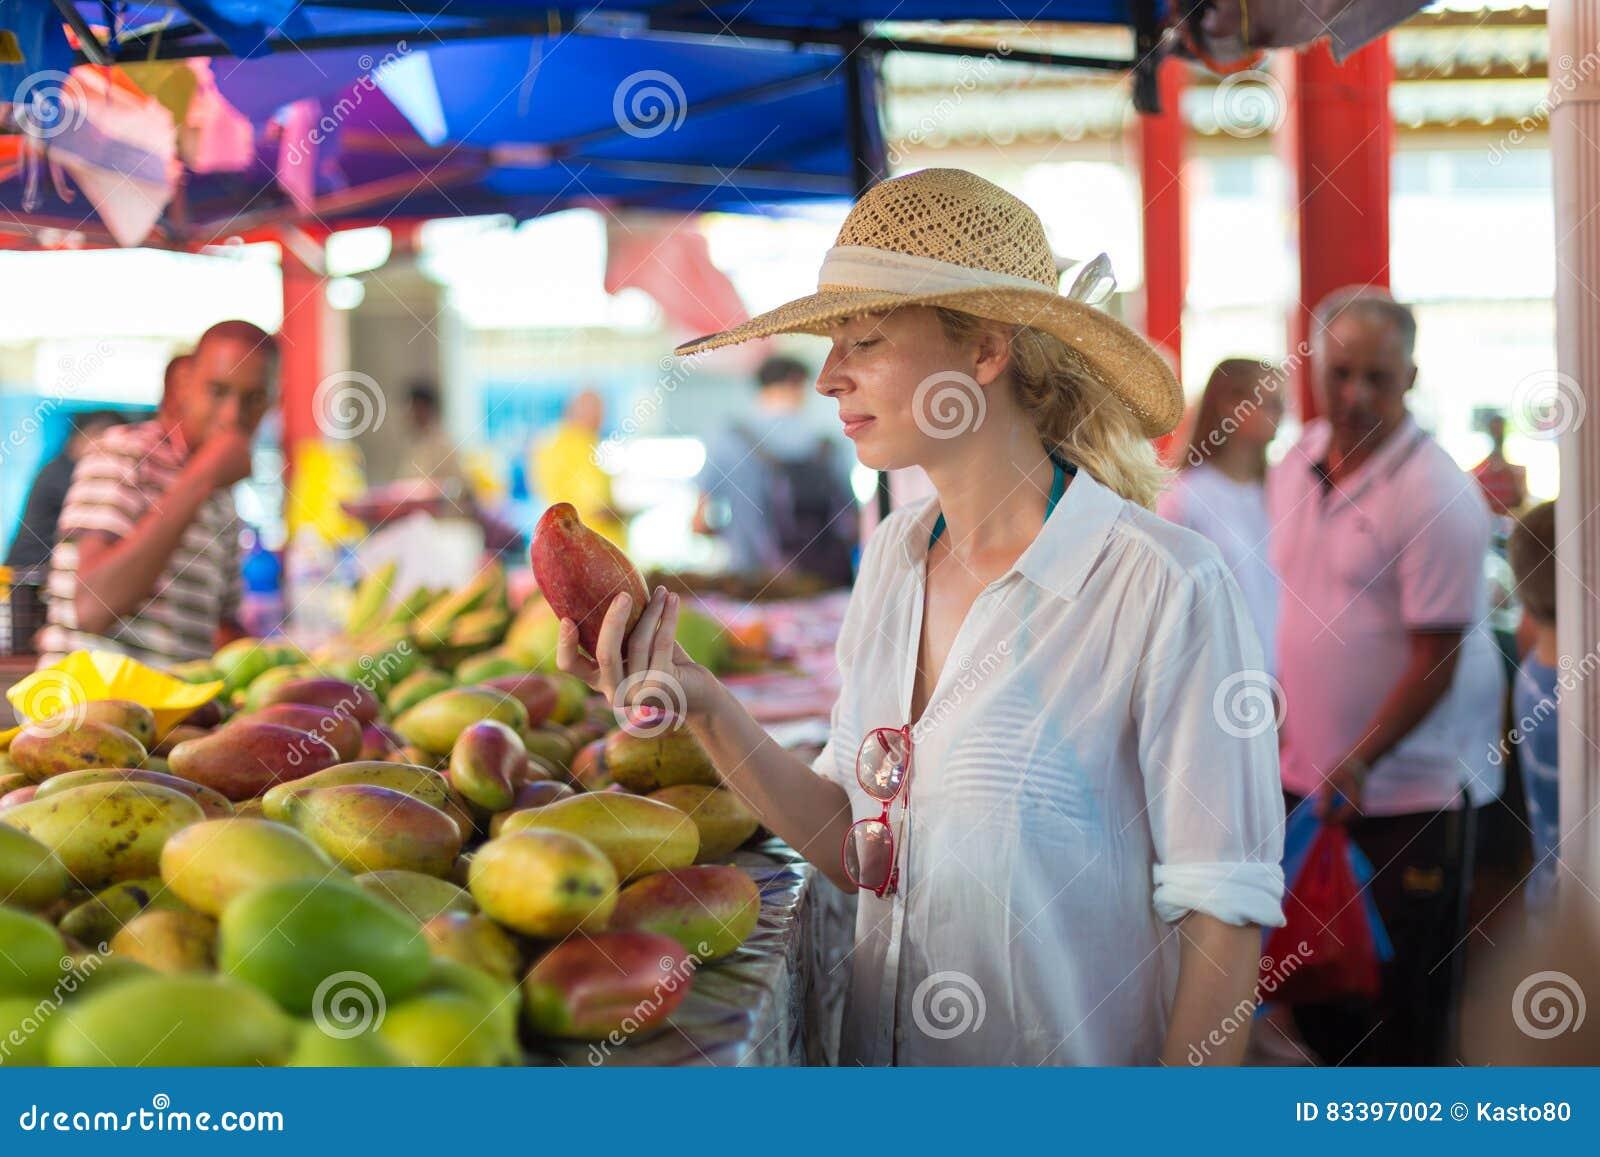 在传统维多利亚食物市场,塞舌尔群岛上的旅客购物